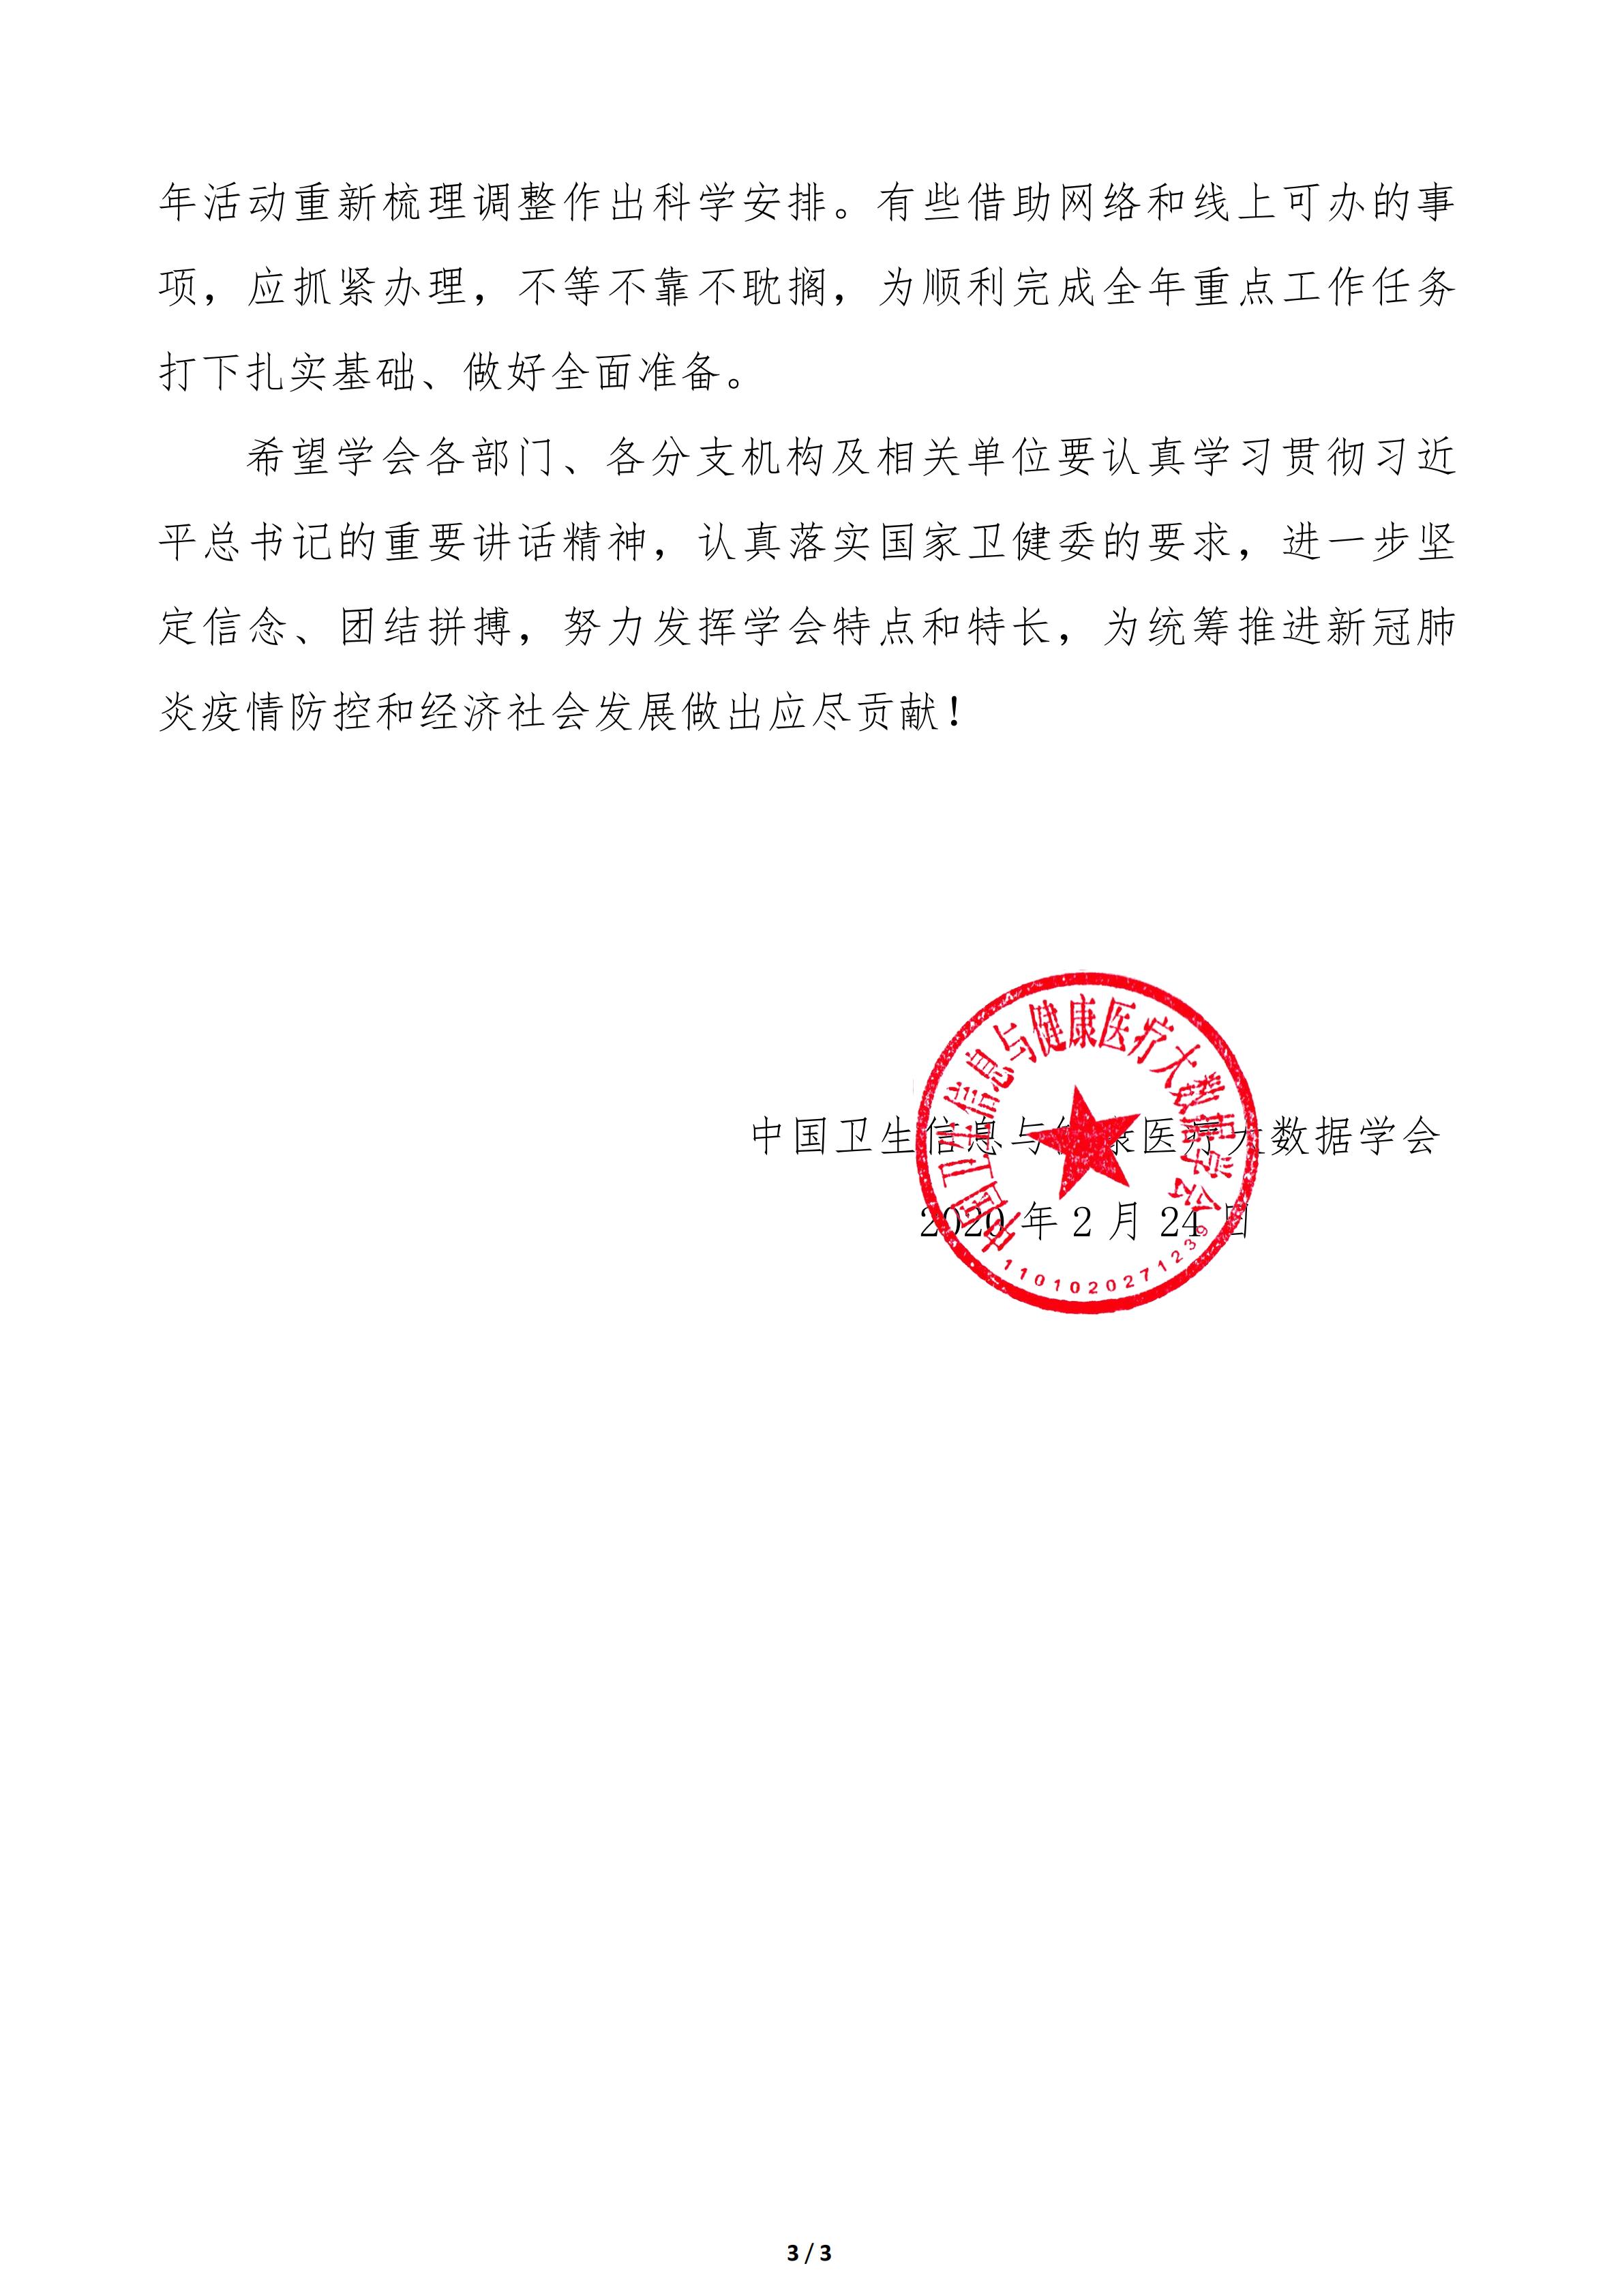 17号文-关于学习贯彻习近平总书记在统筹_02.png